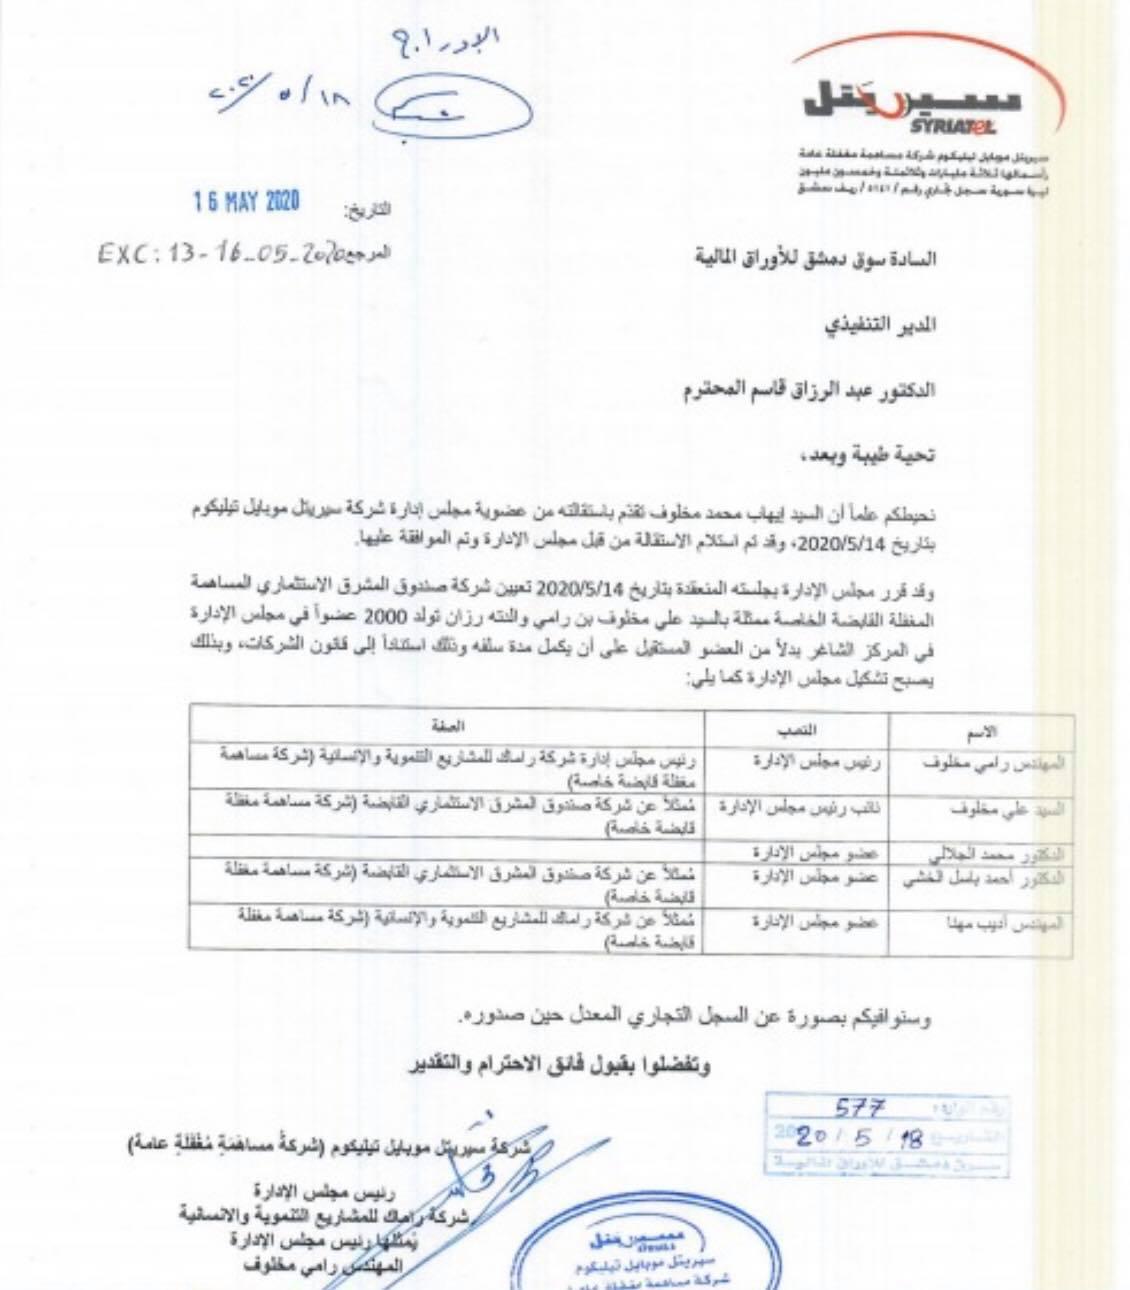 علي مخلوف بدلاً من إيهاب مخلوف في عضوية مجلس إدارة سيريتل